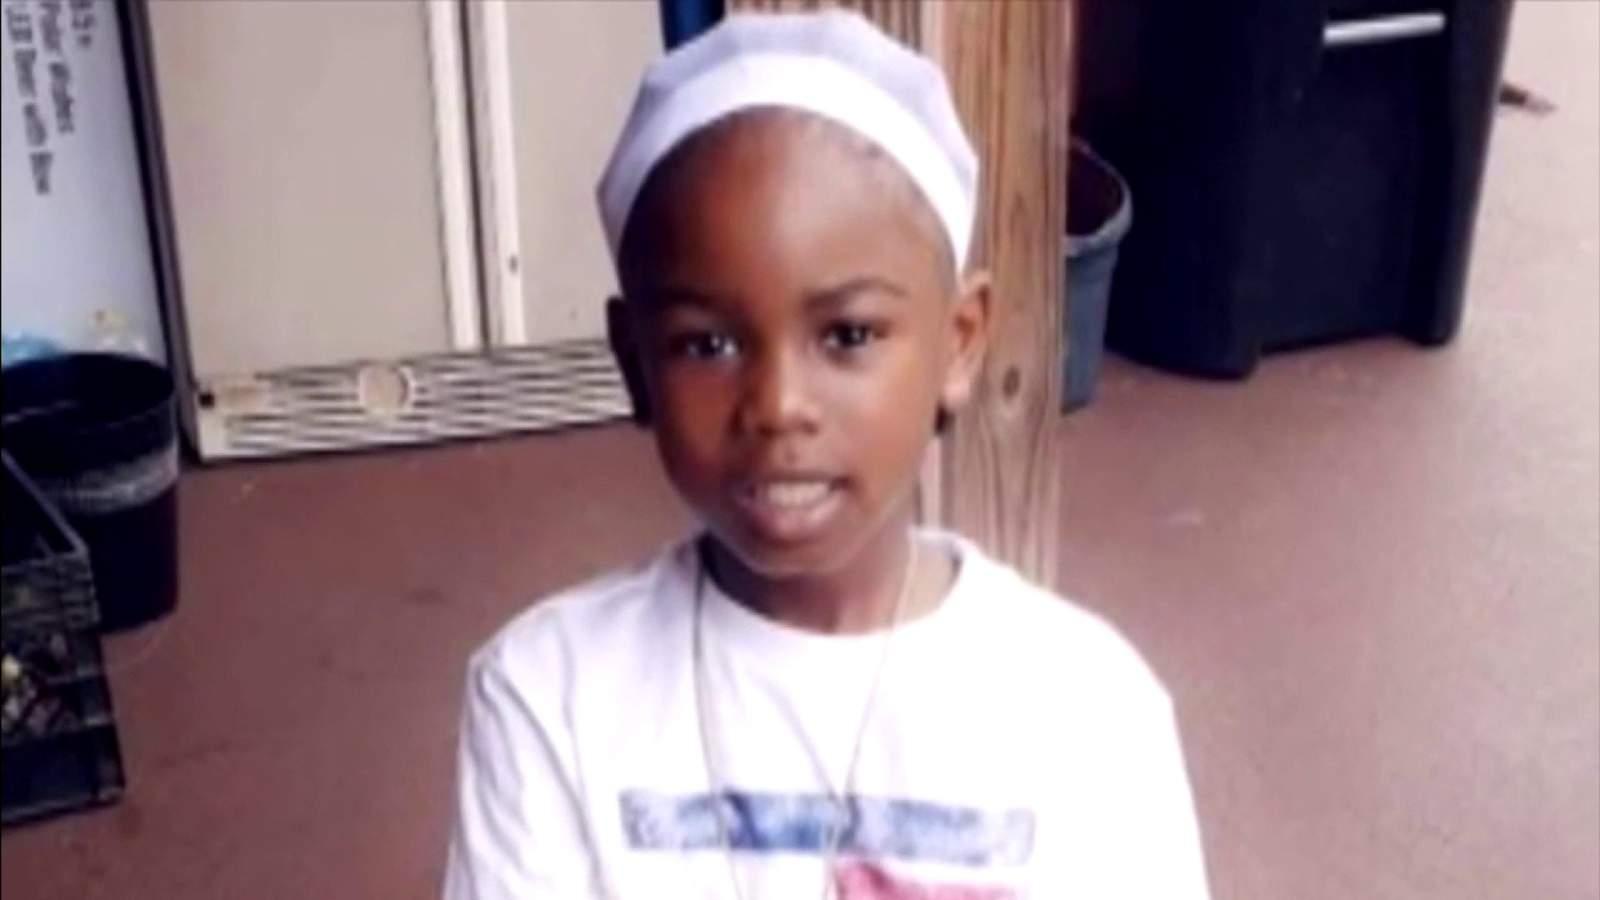 La policía de Fort Lauderdale recibió quejas sobre el hogar donde le dispararon al niño.